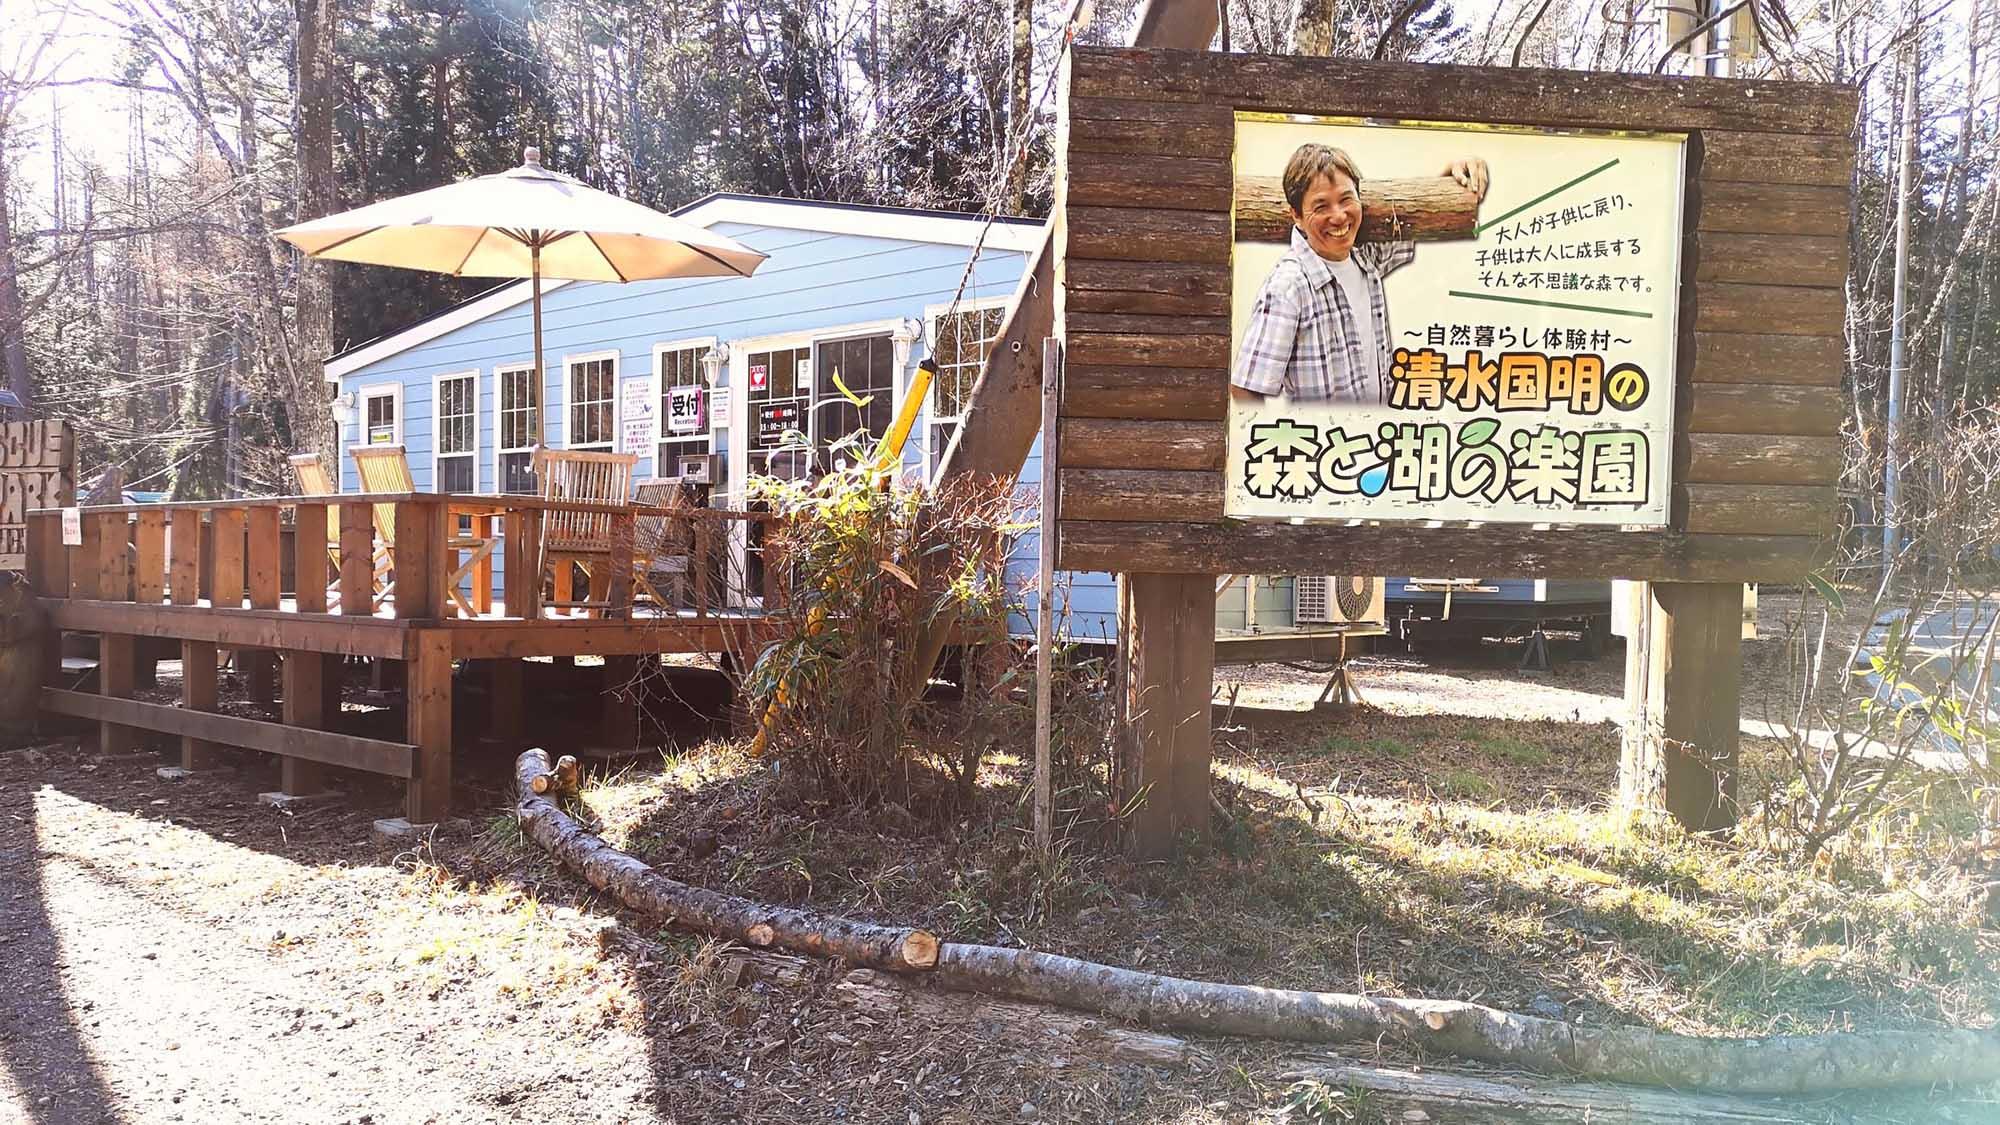 自然樂校 清水國明の森と湖の楽園の詳細